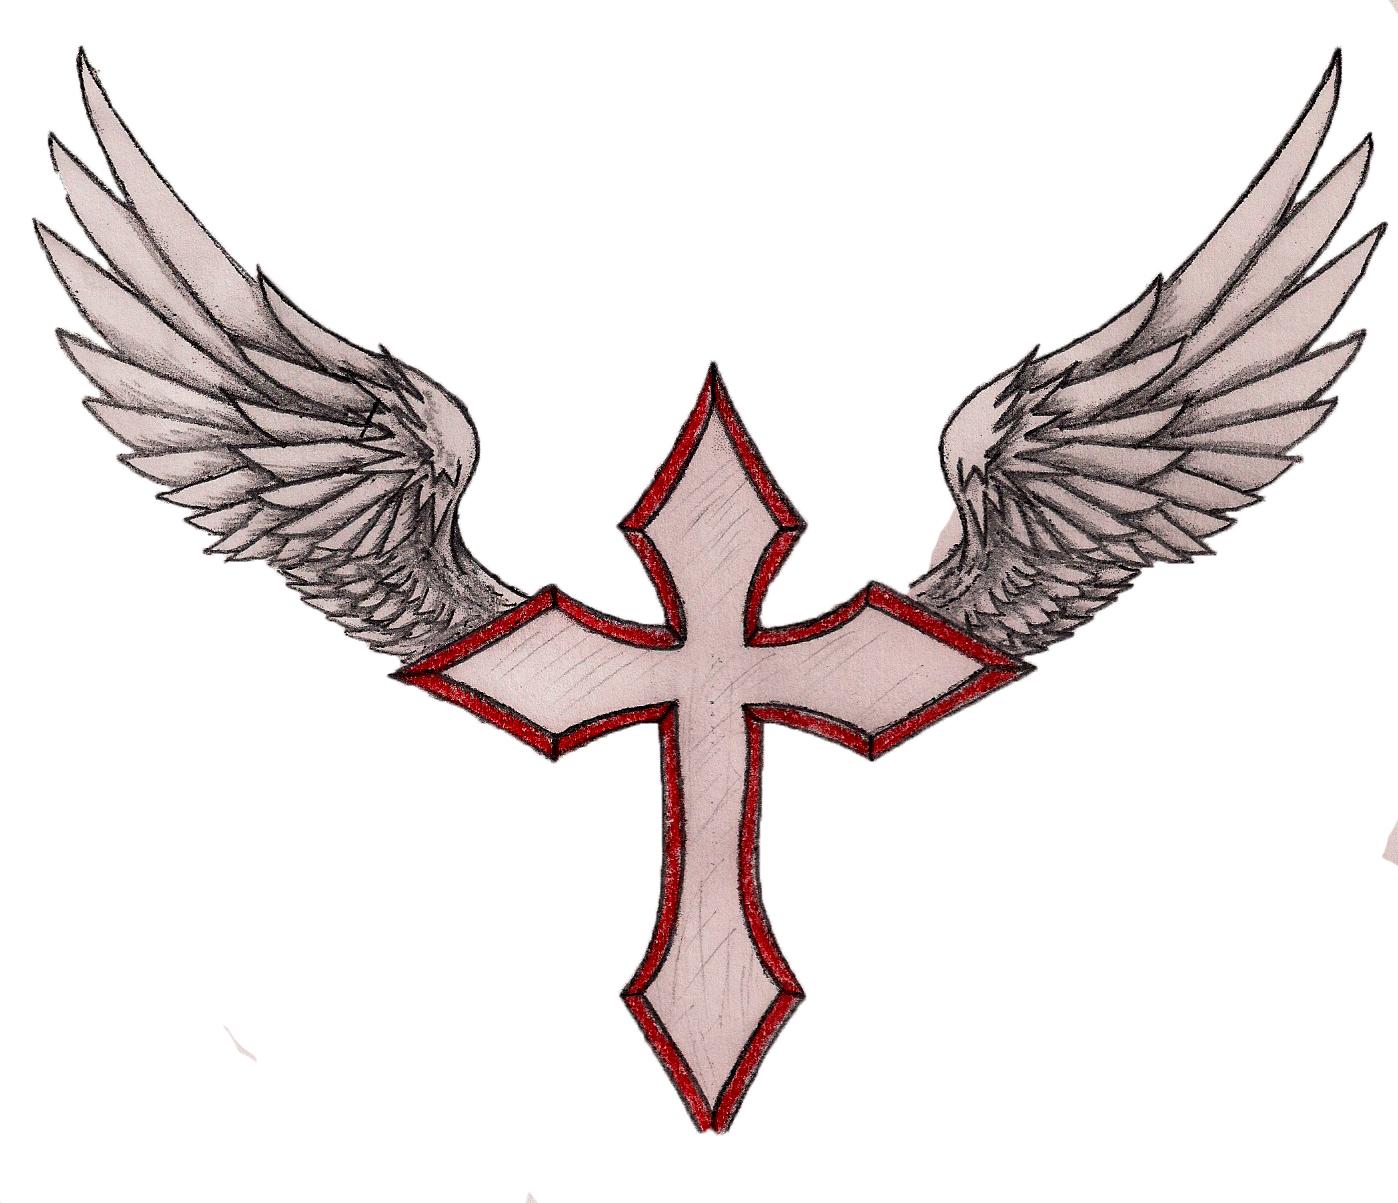 Drawings Of Crosses Wi...